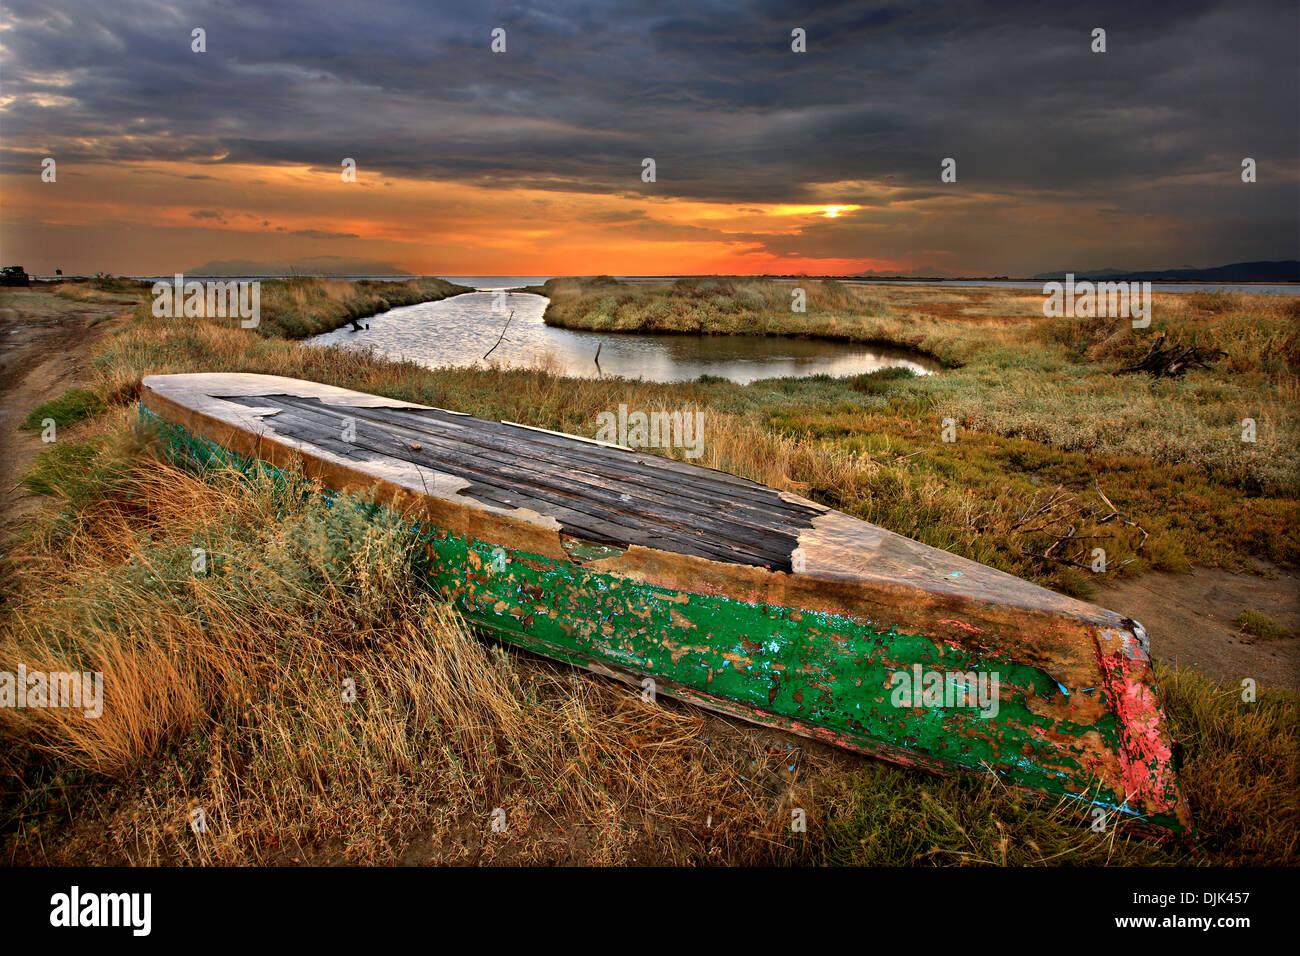 Plava traditionnel (bateau à fond plat des eaux peu profondes) au delta du fleuve Evros, Thrace, Grèce. Photo Stock